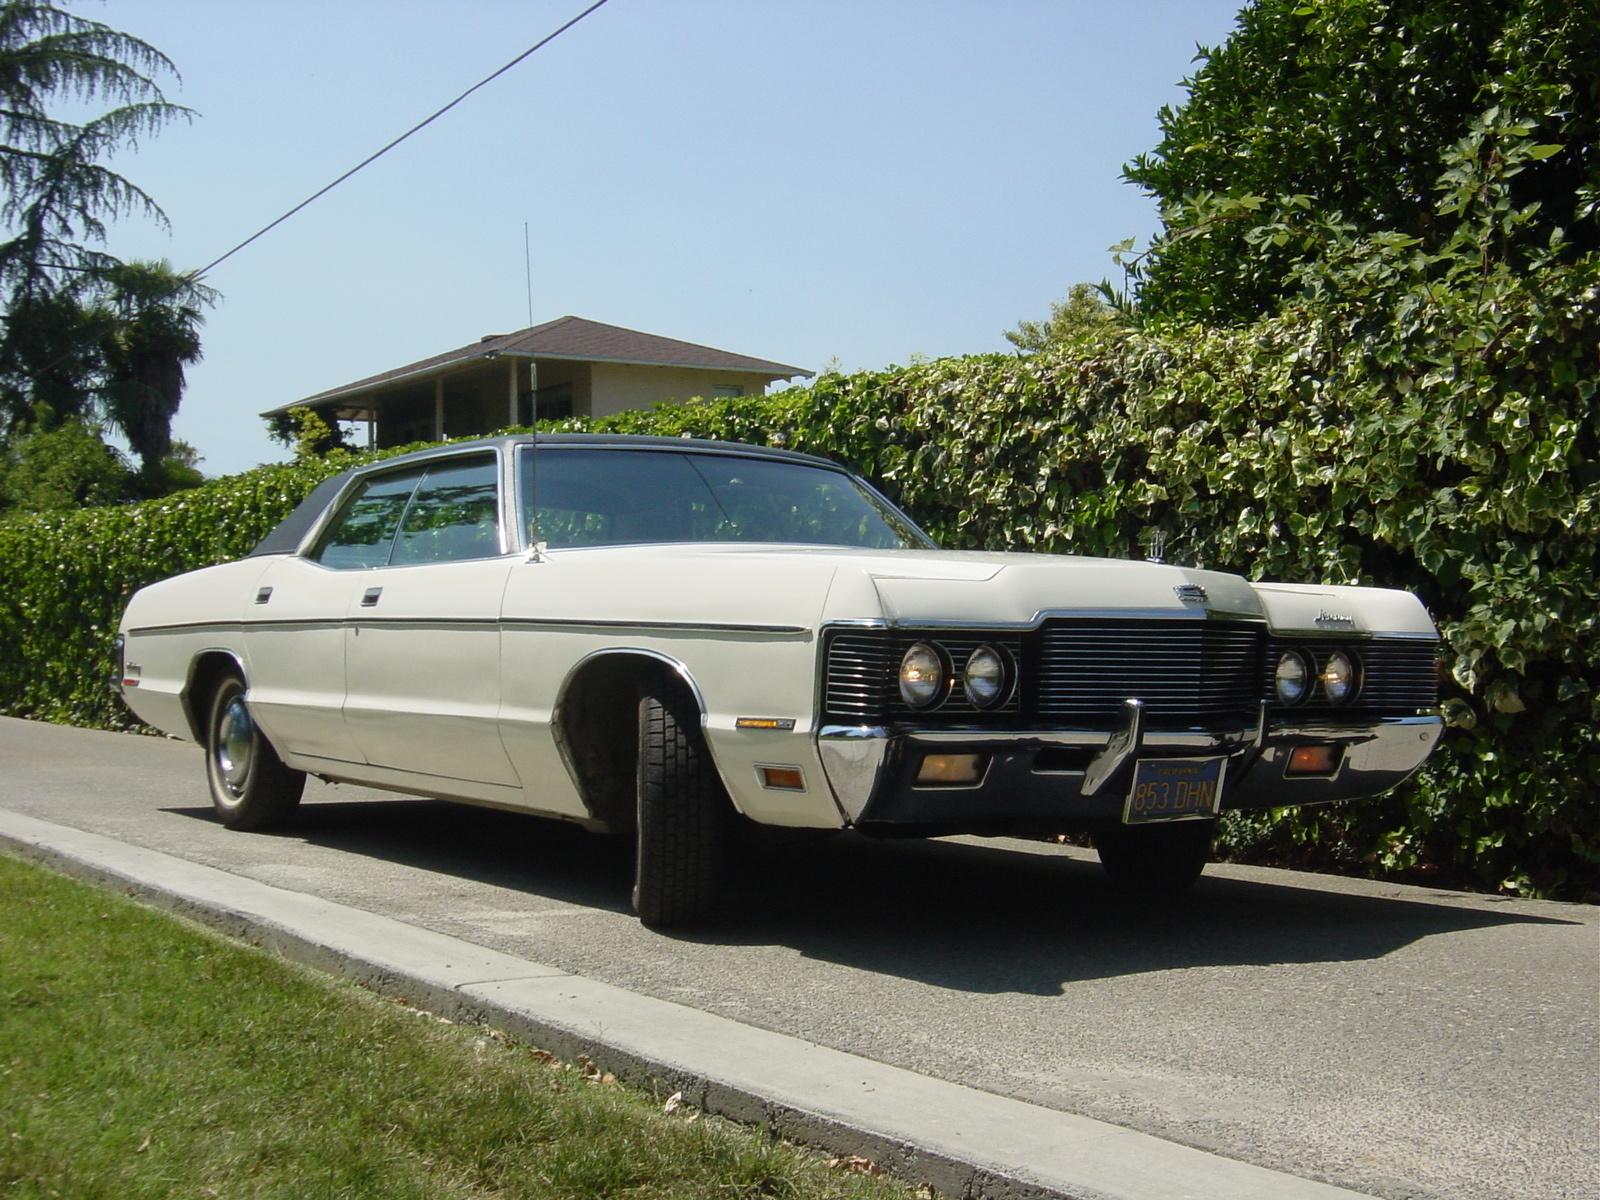 1971 Mercury Monterey - Overview - CarGurus